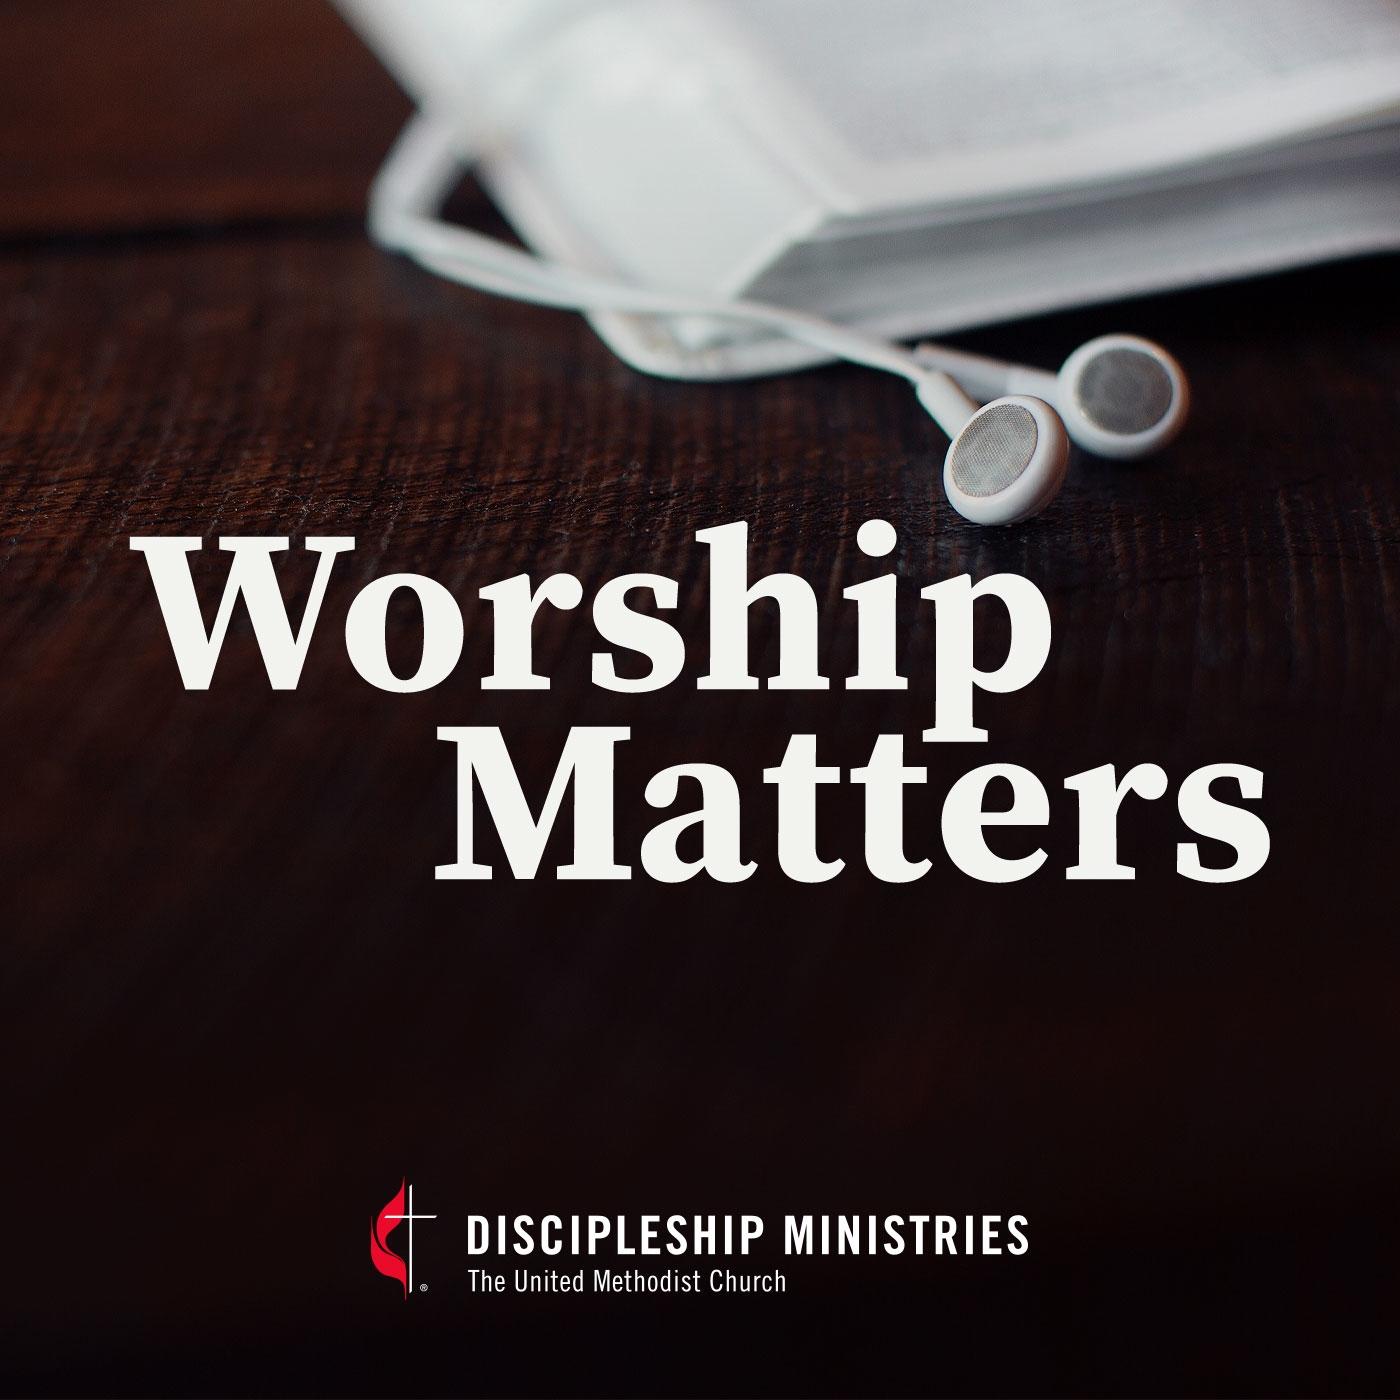 Discipleship Ministries | Worship Matters: Episode 01 - Epiphany  Lectionary 2020 Umc